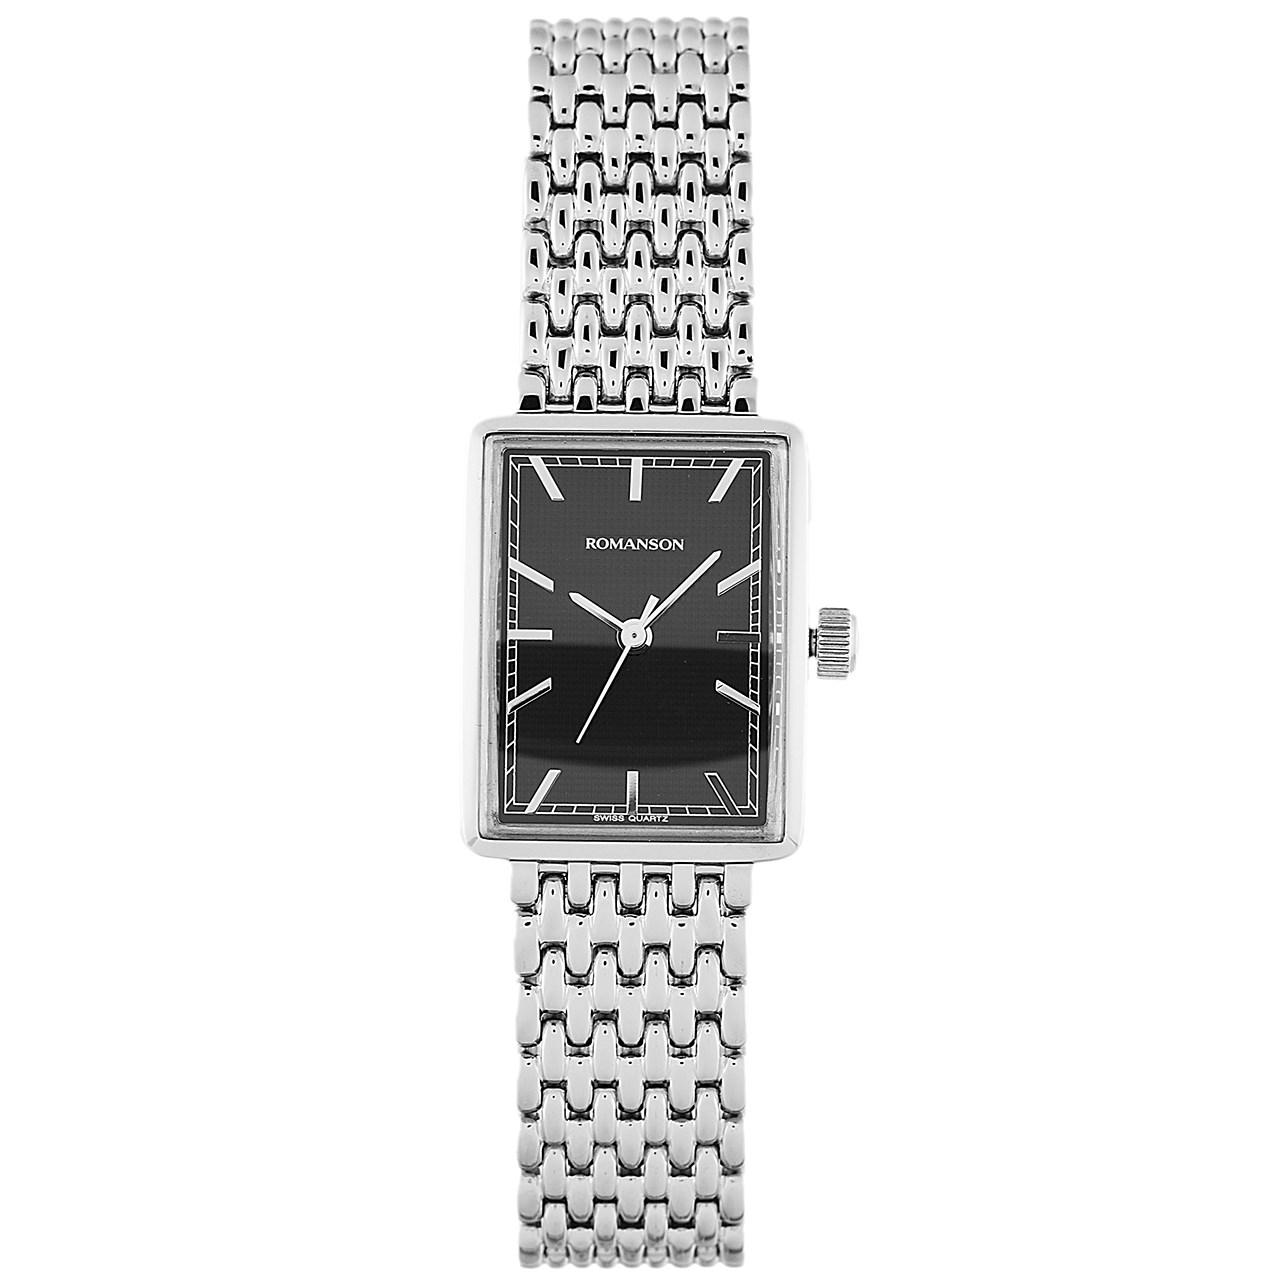 ساعت مچی عقربه ای زنانه رومانسون مدل DM5163LL1WA32W 49